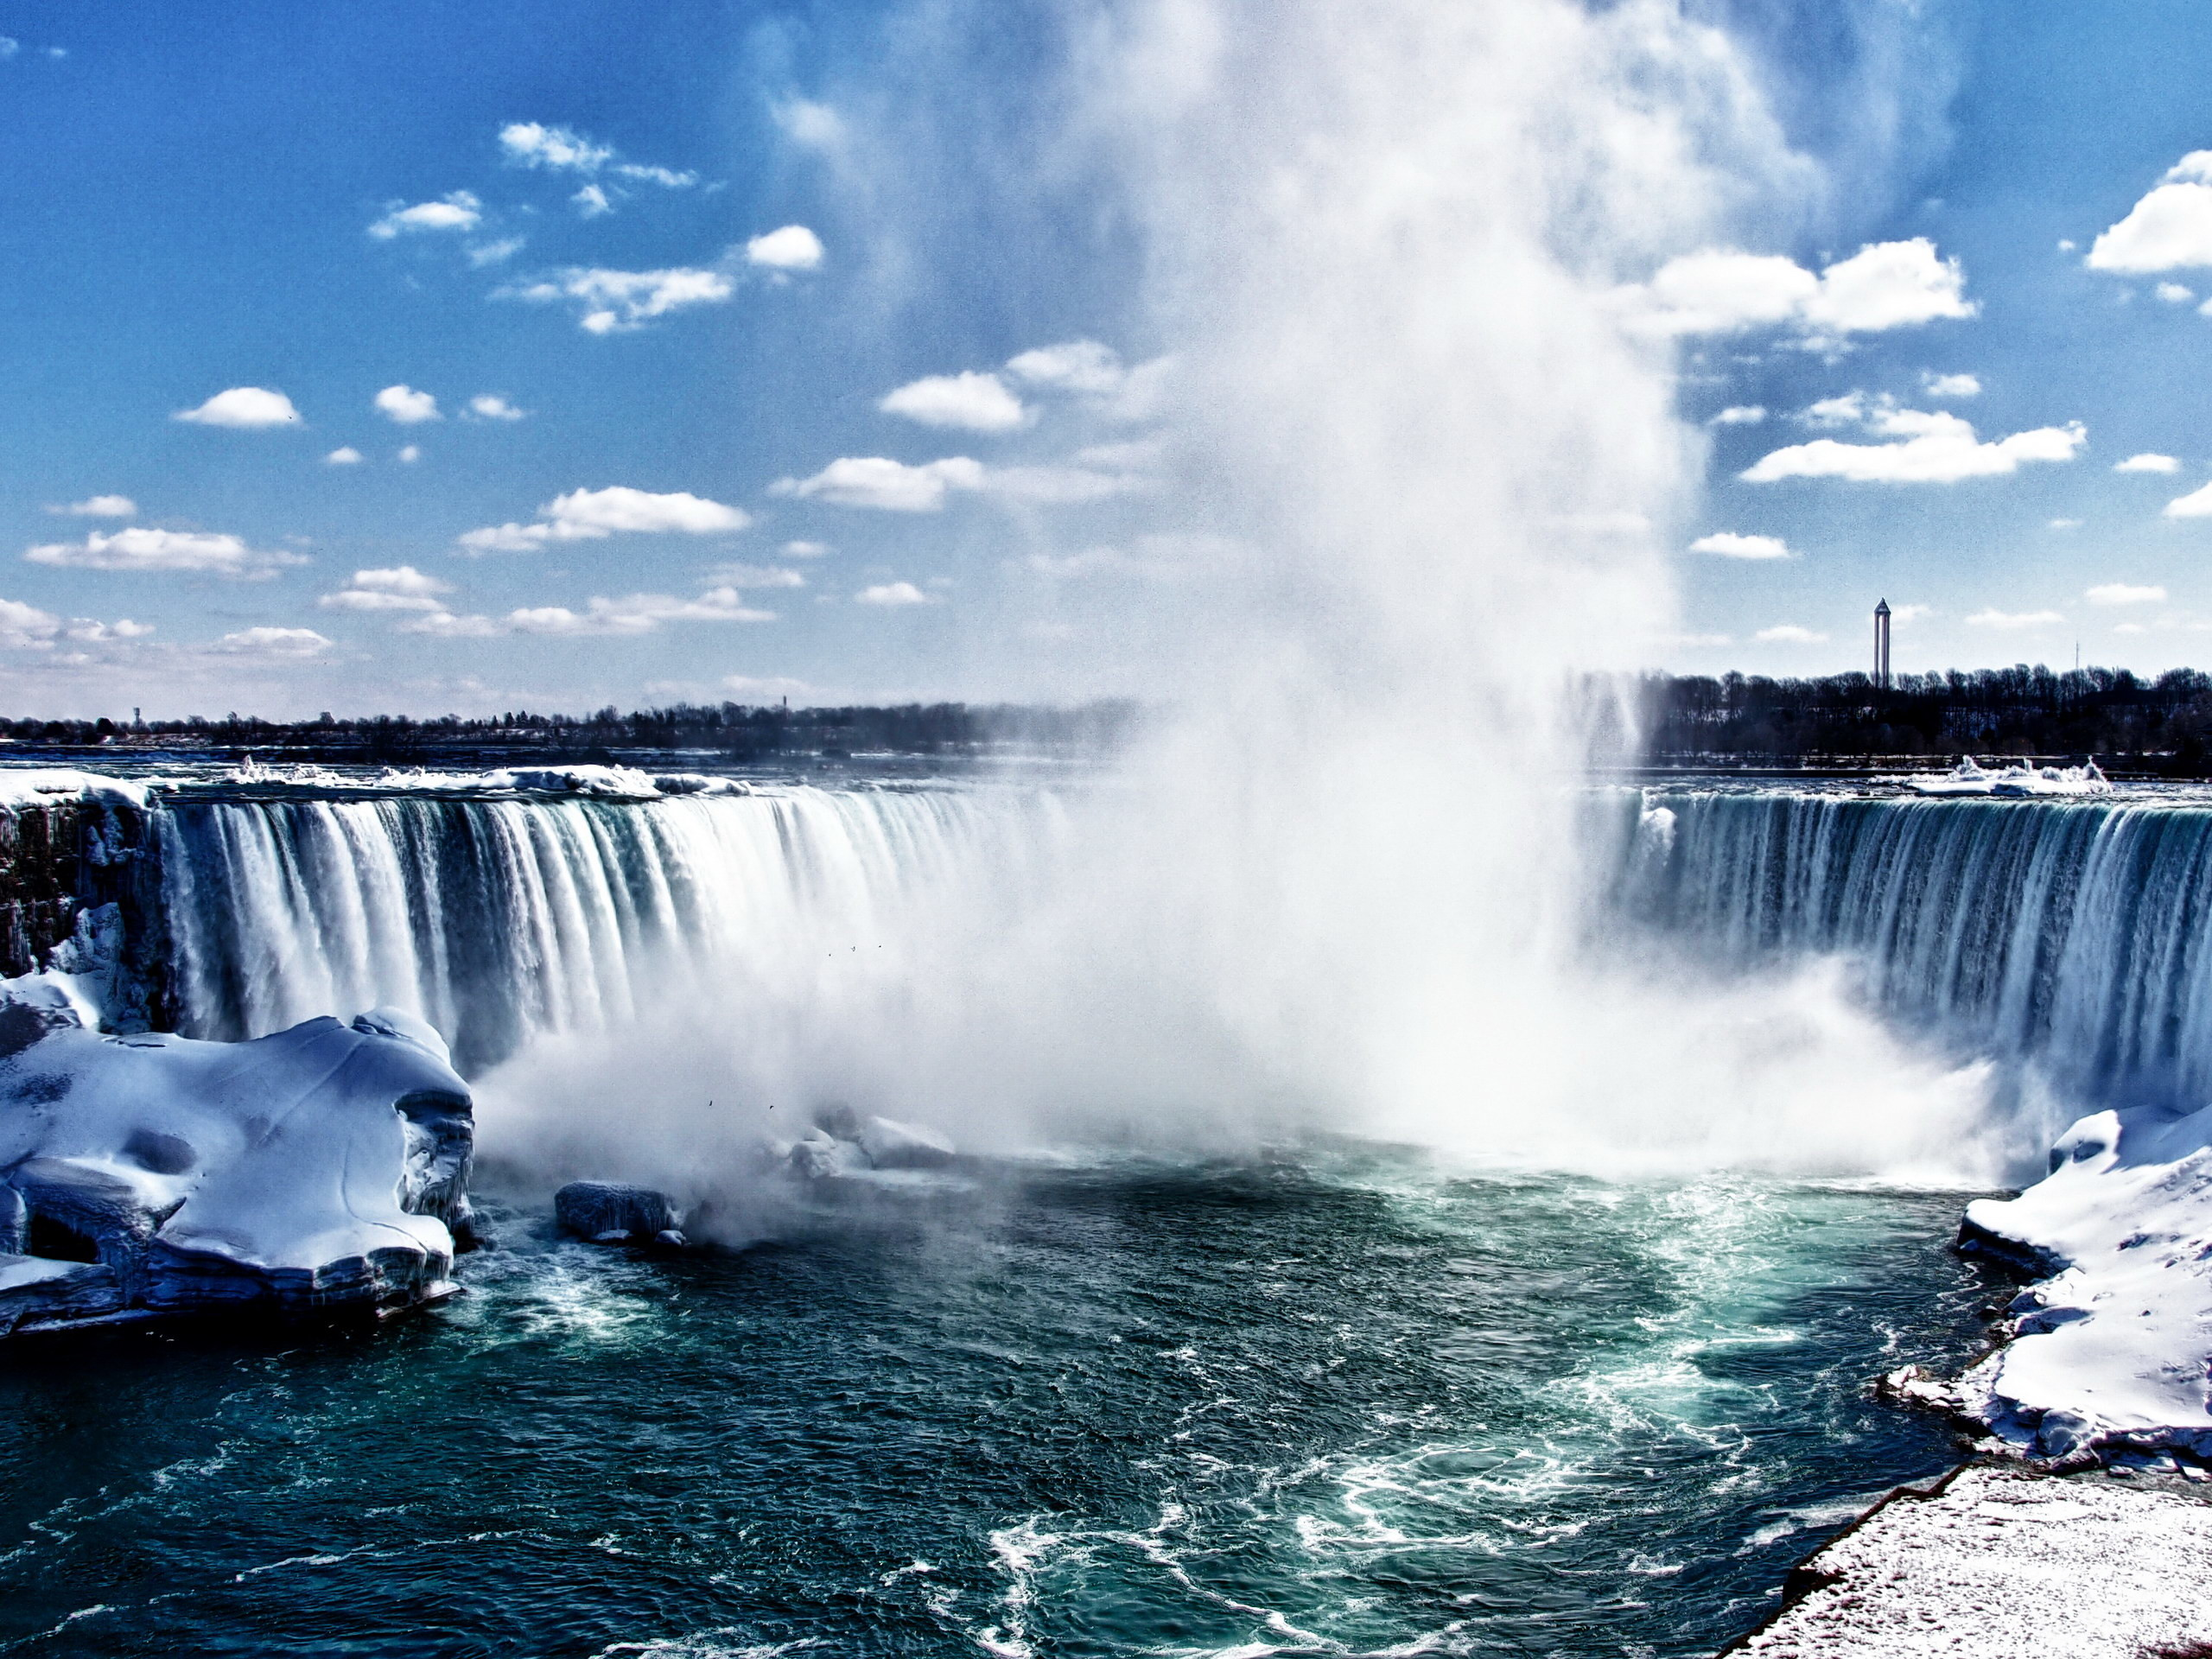 ниагарский водопад из под воды фото болезни